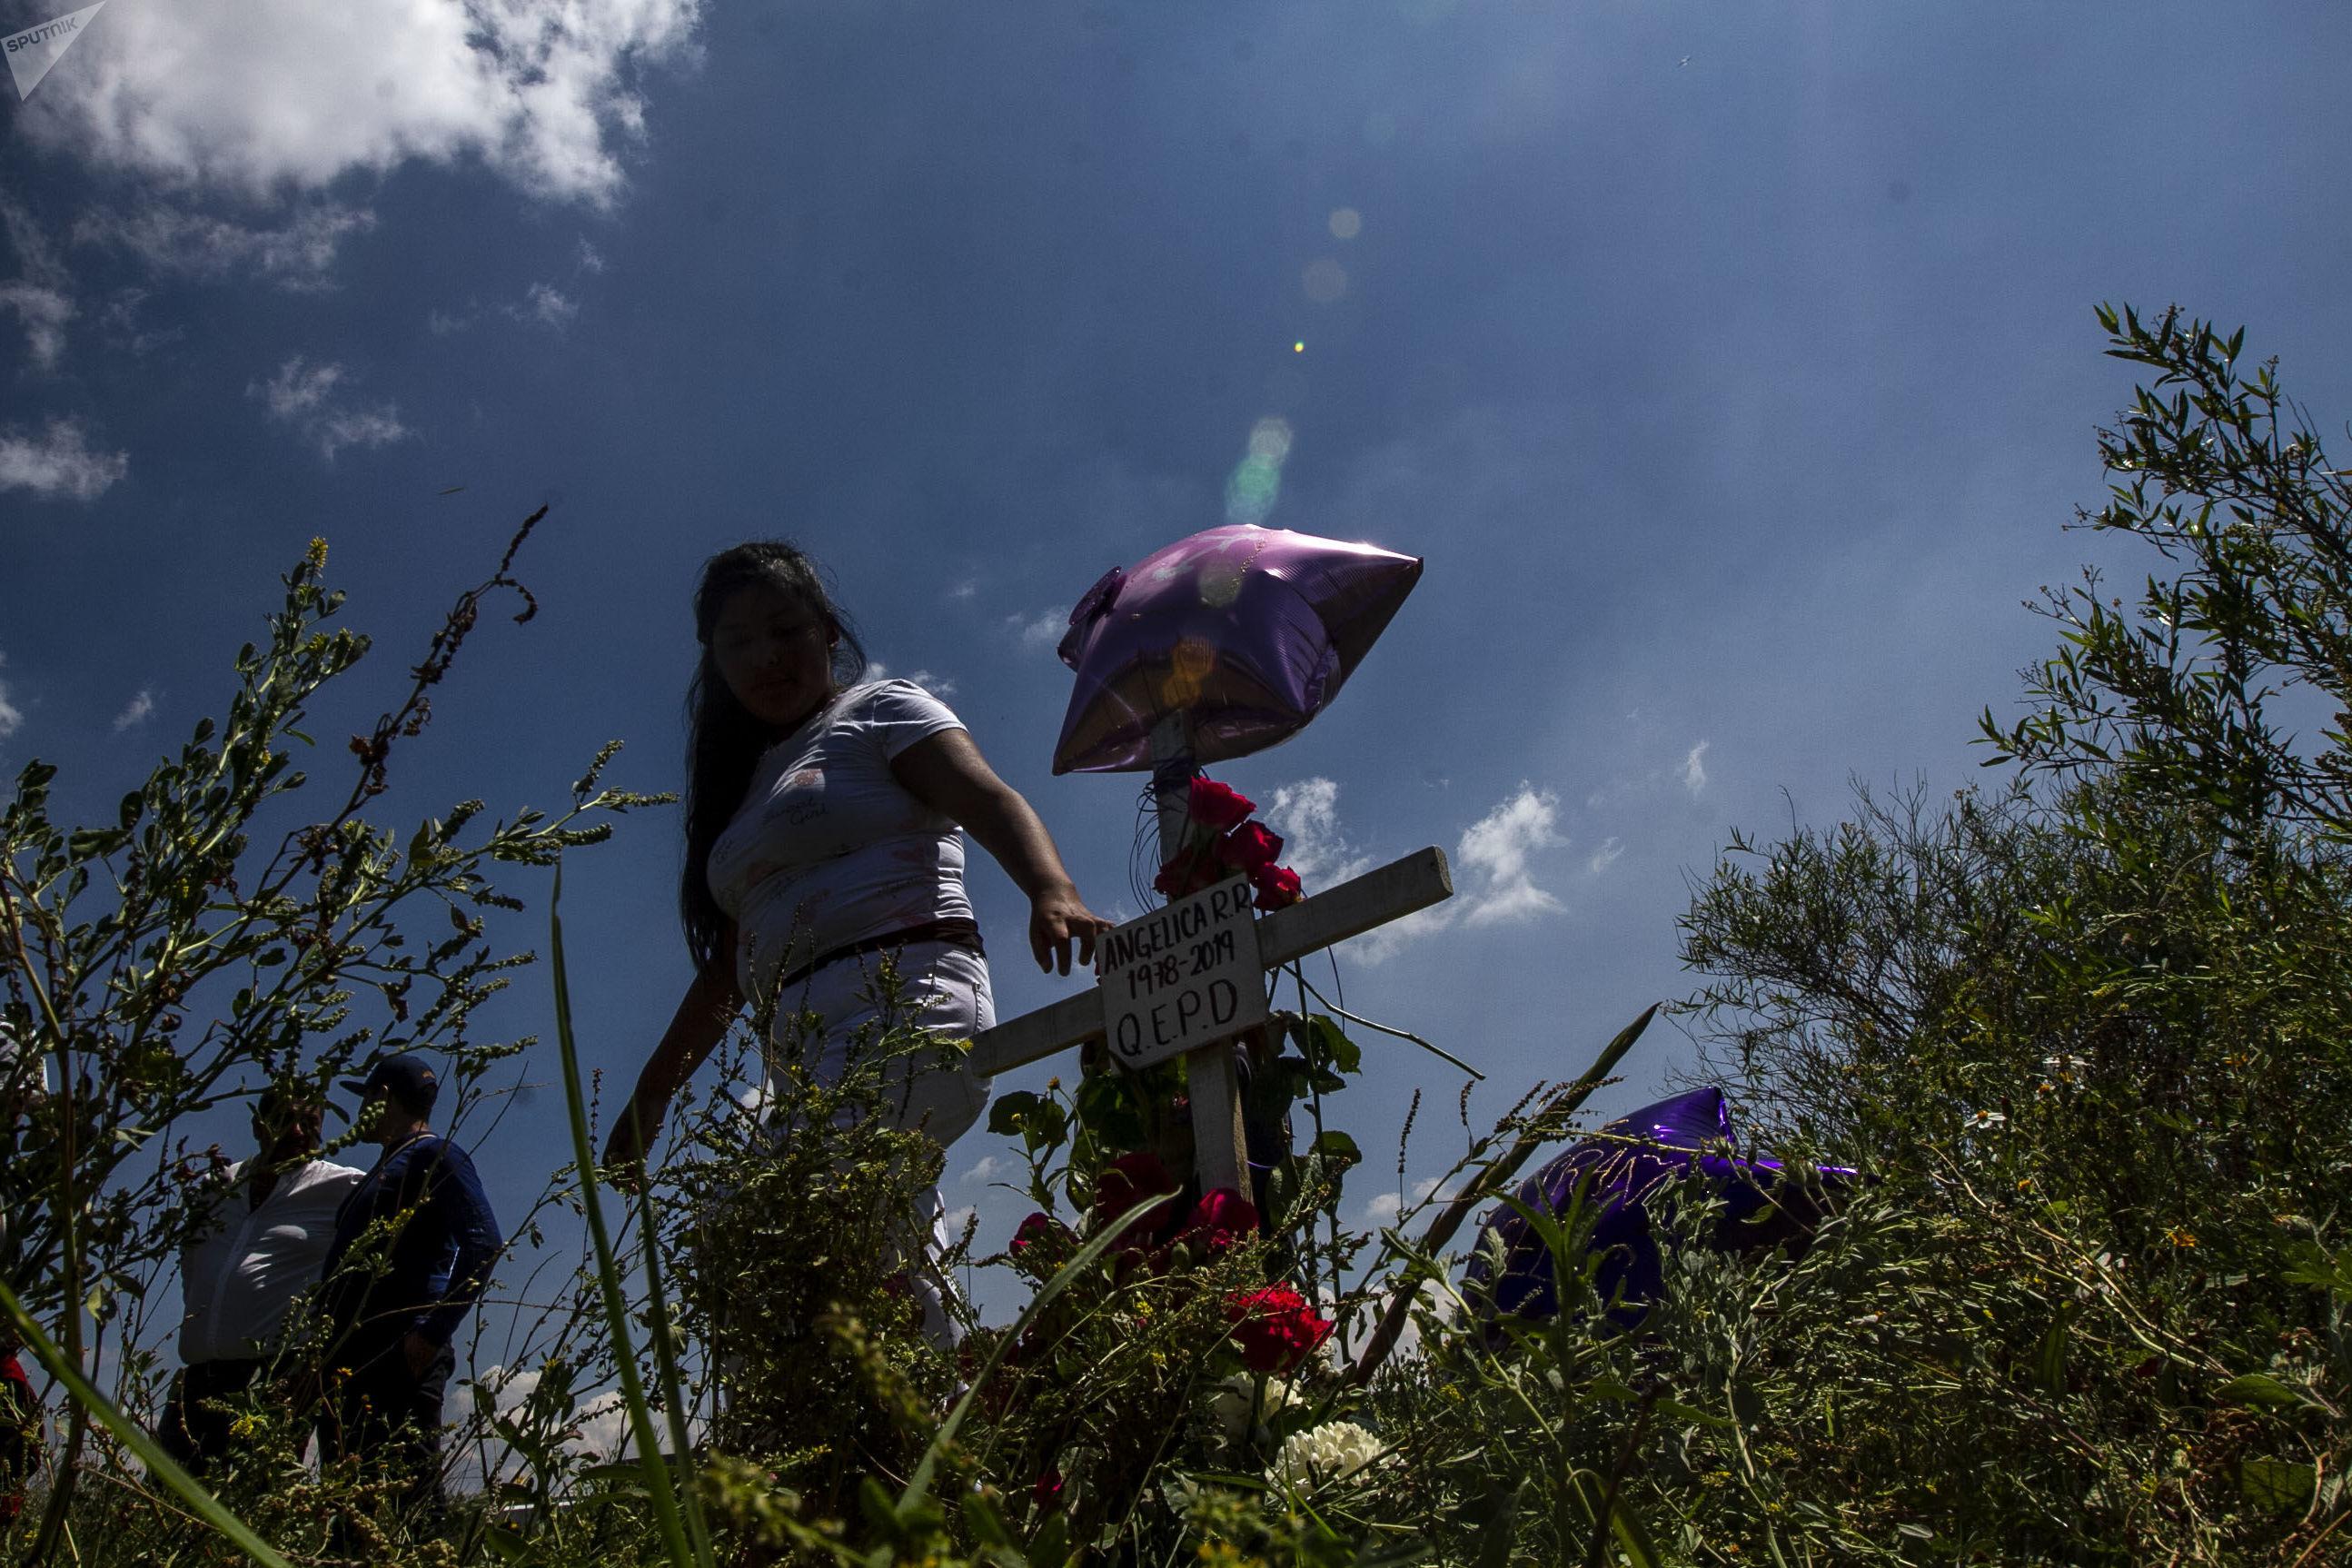 Familia de Angélica y Karla colocan cruces en la colonia Jardines de Morelos, en el sitio del doble feminicidio, durante la caravana contra el feminicidio en Ecatepec, Estado de México